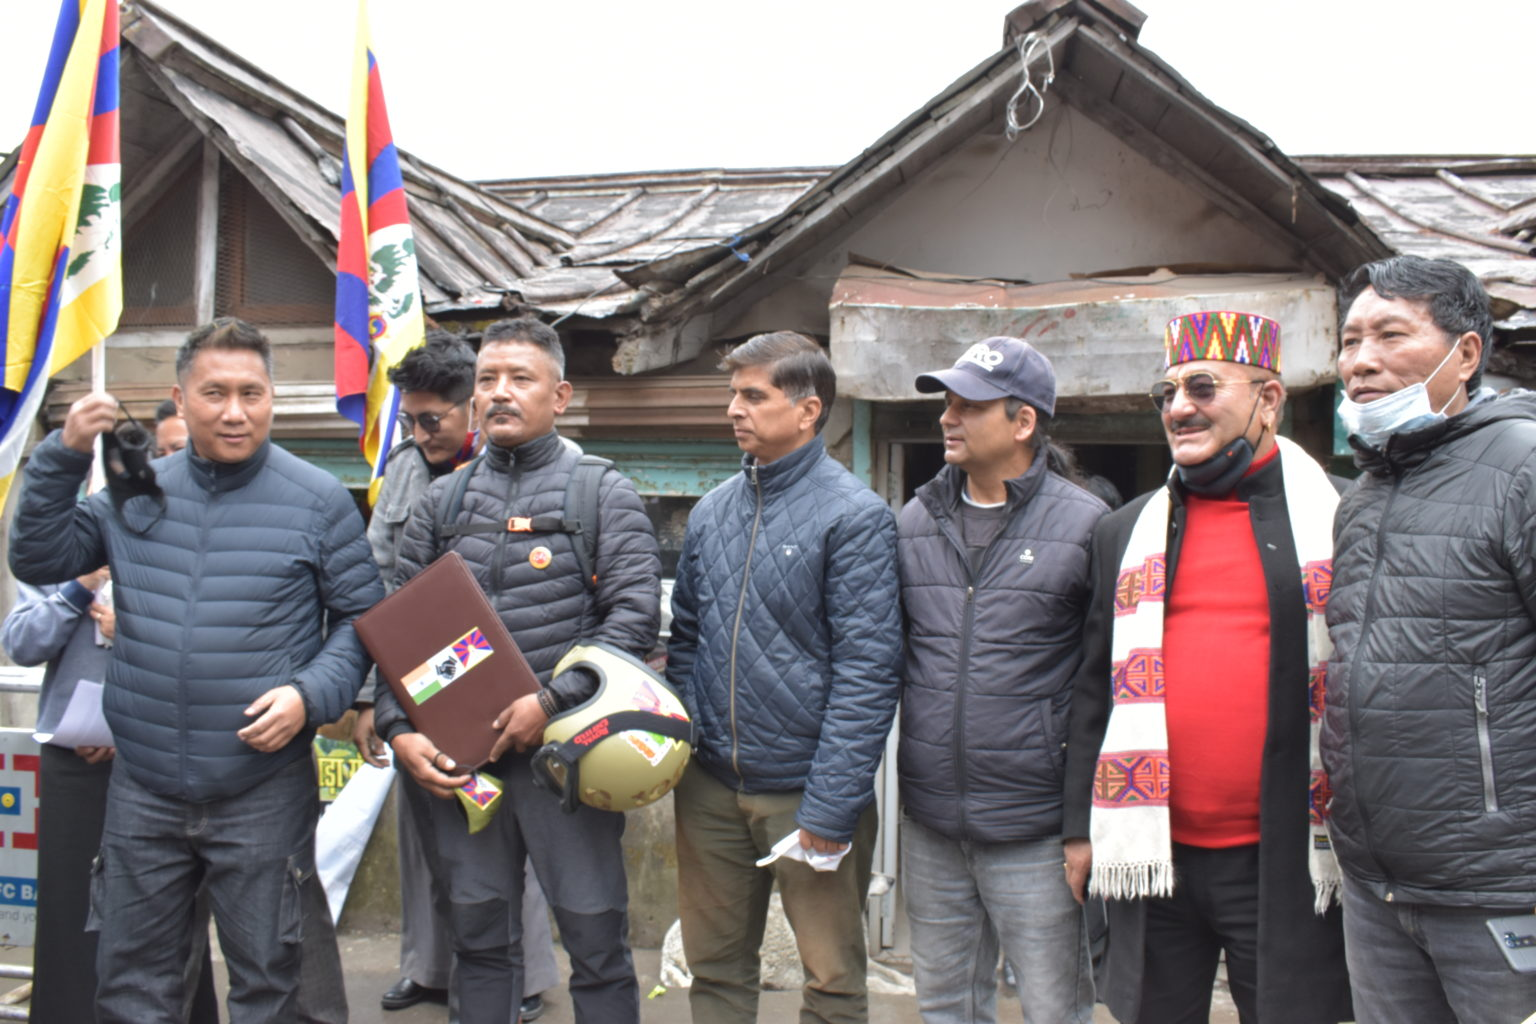 由于受武汉疫情影响,藏人摩托车巡游活动将暂时停止两个月